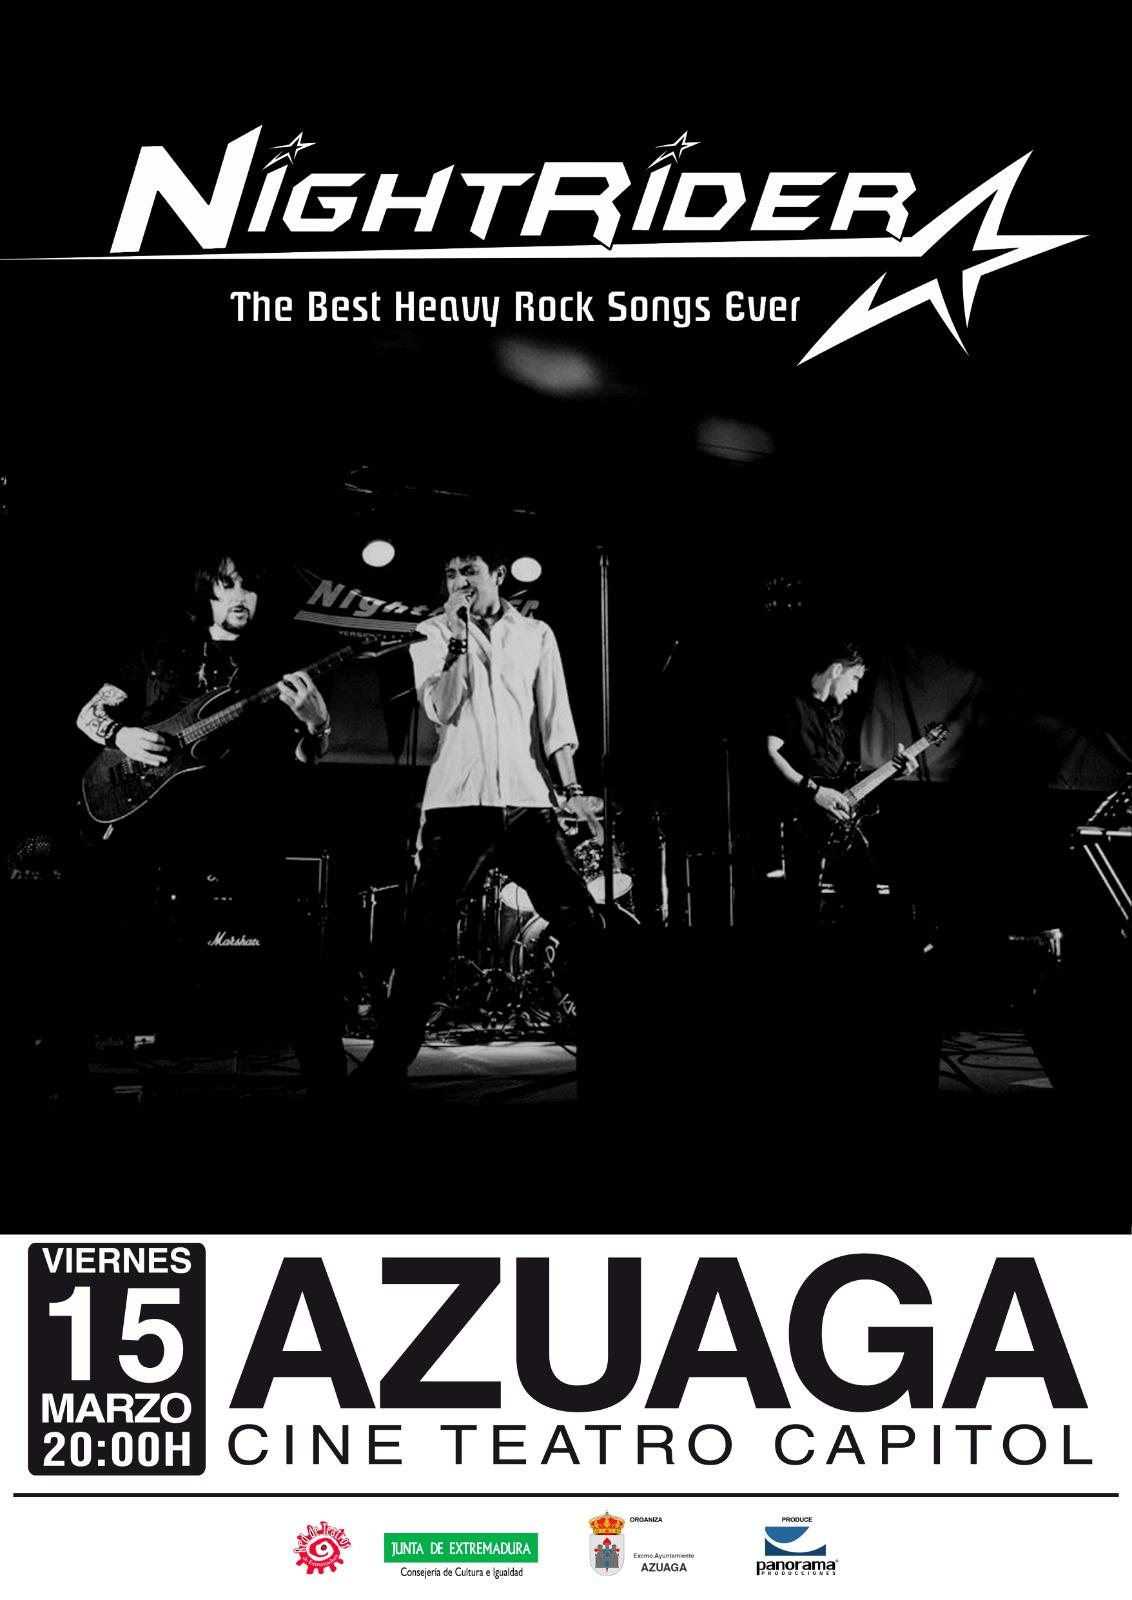 Nightrider versiones de Heavy Rock 80 en Azuaga